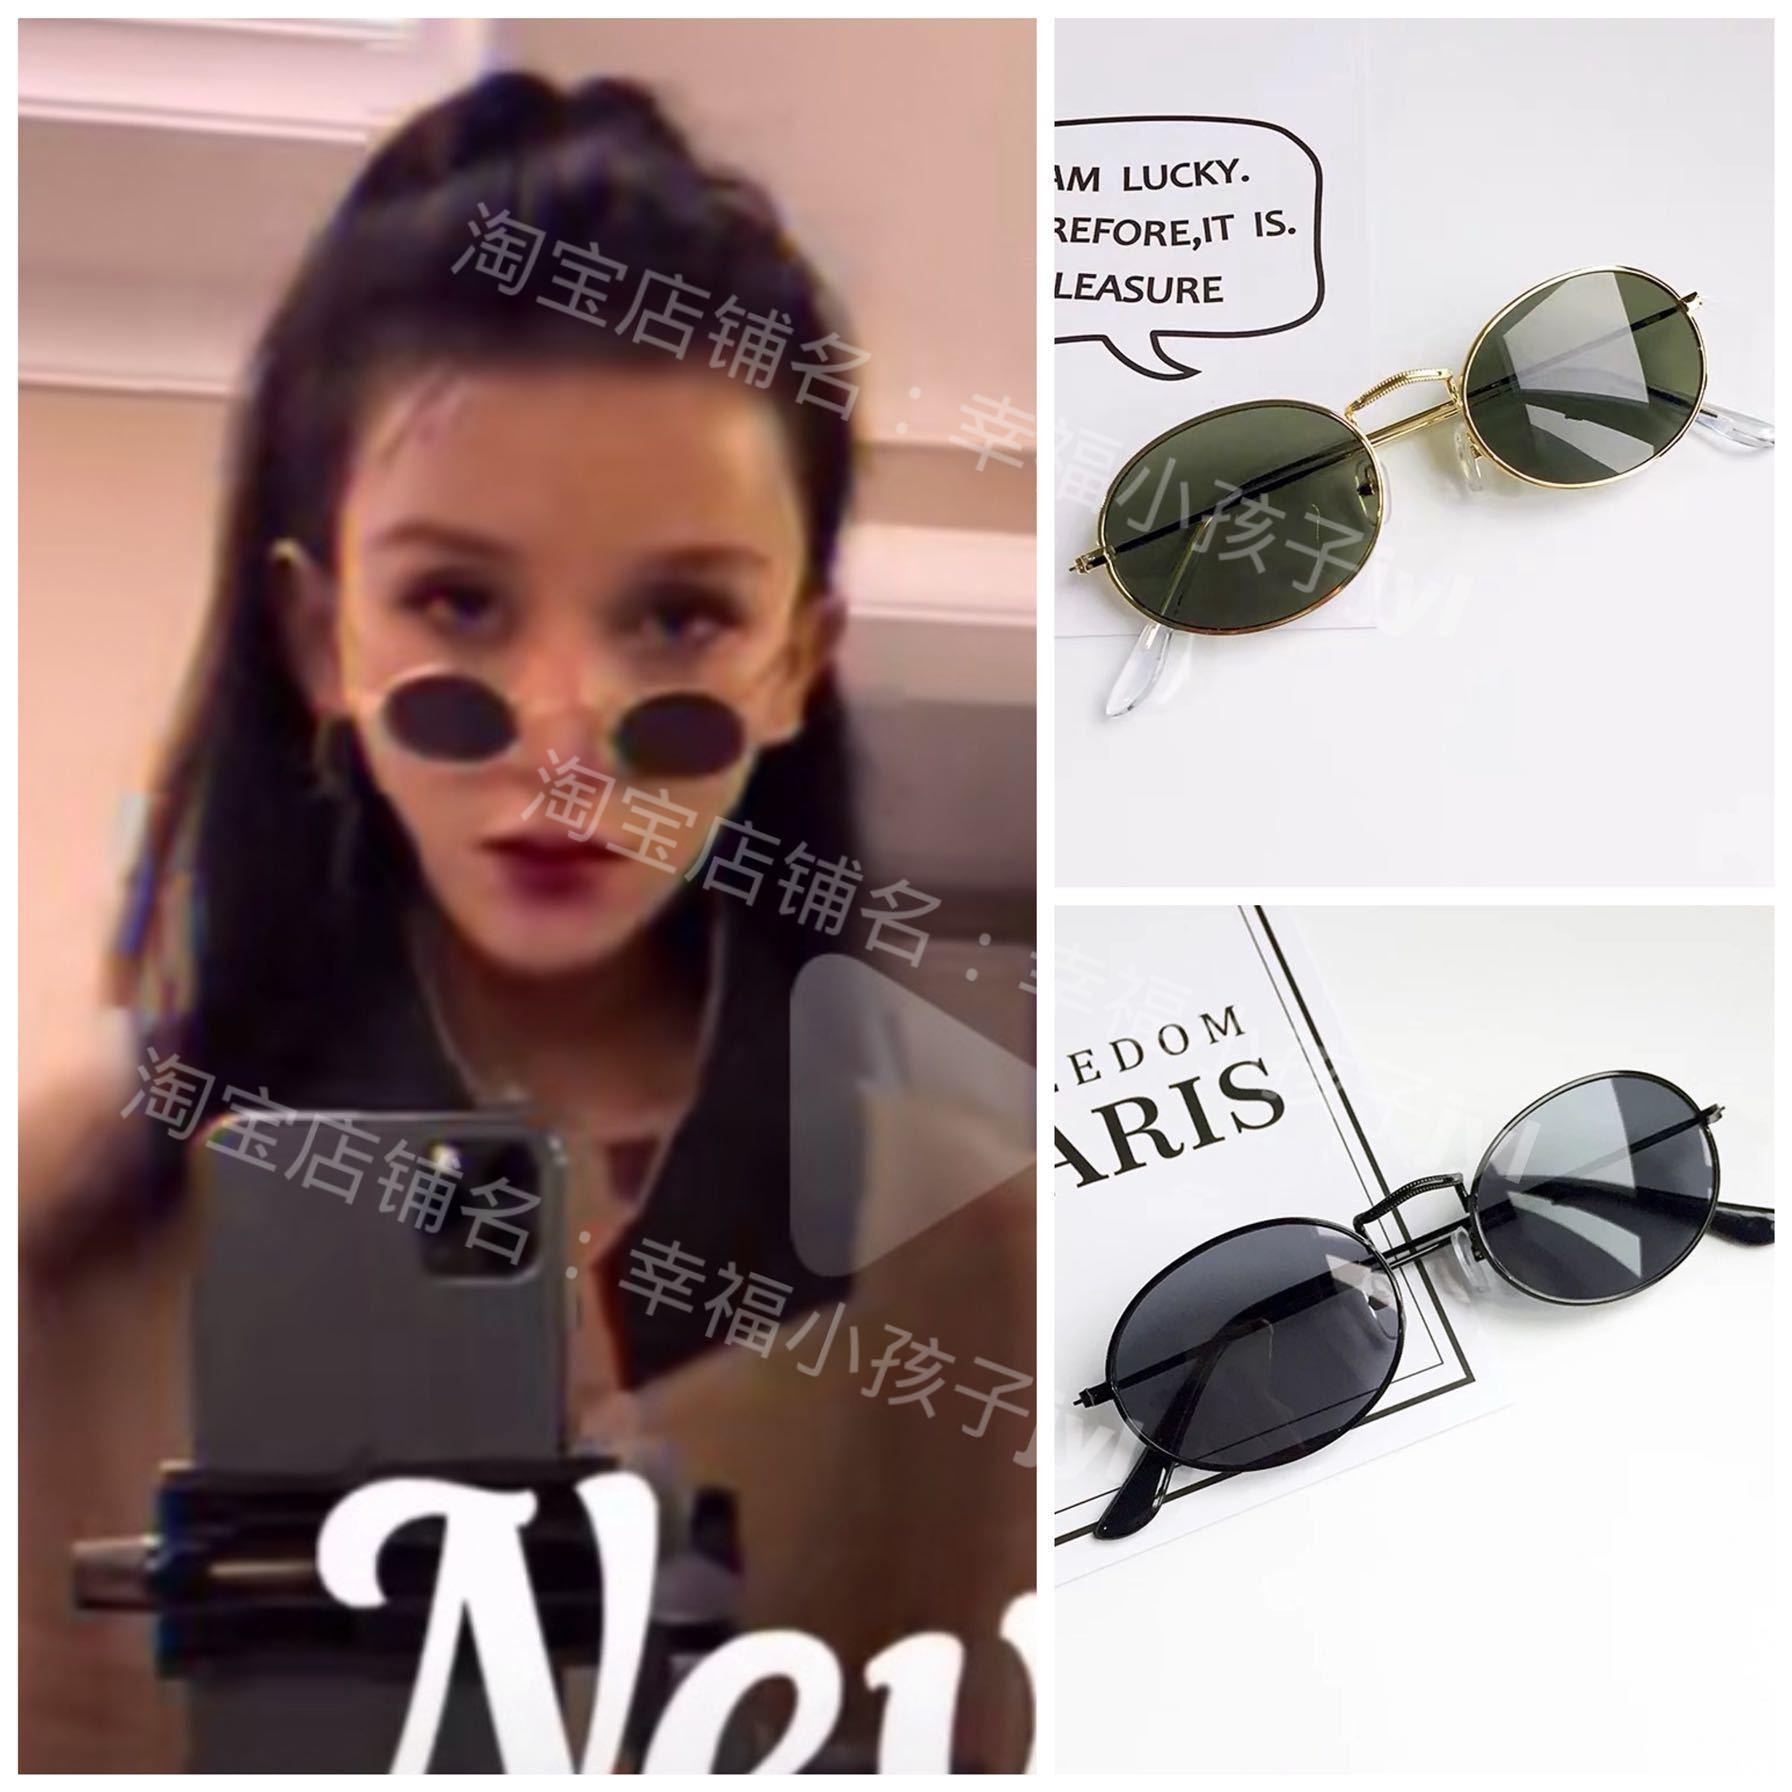 Wang est des lunettes avec Doudou le même TikTok ovale, lunettes de soleil de mode rouge, les hommes et les femmes amateurs de style aussi bien